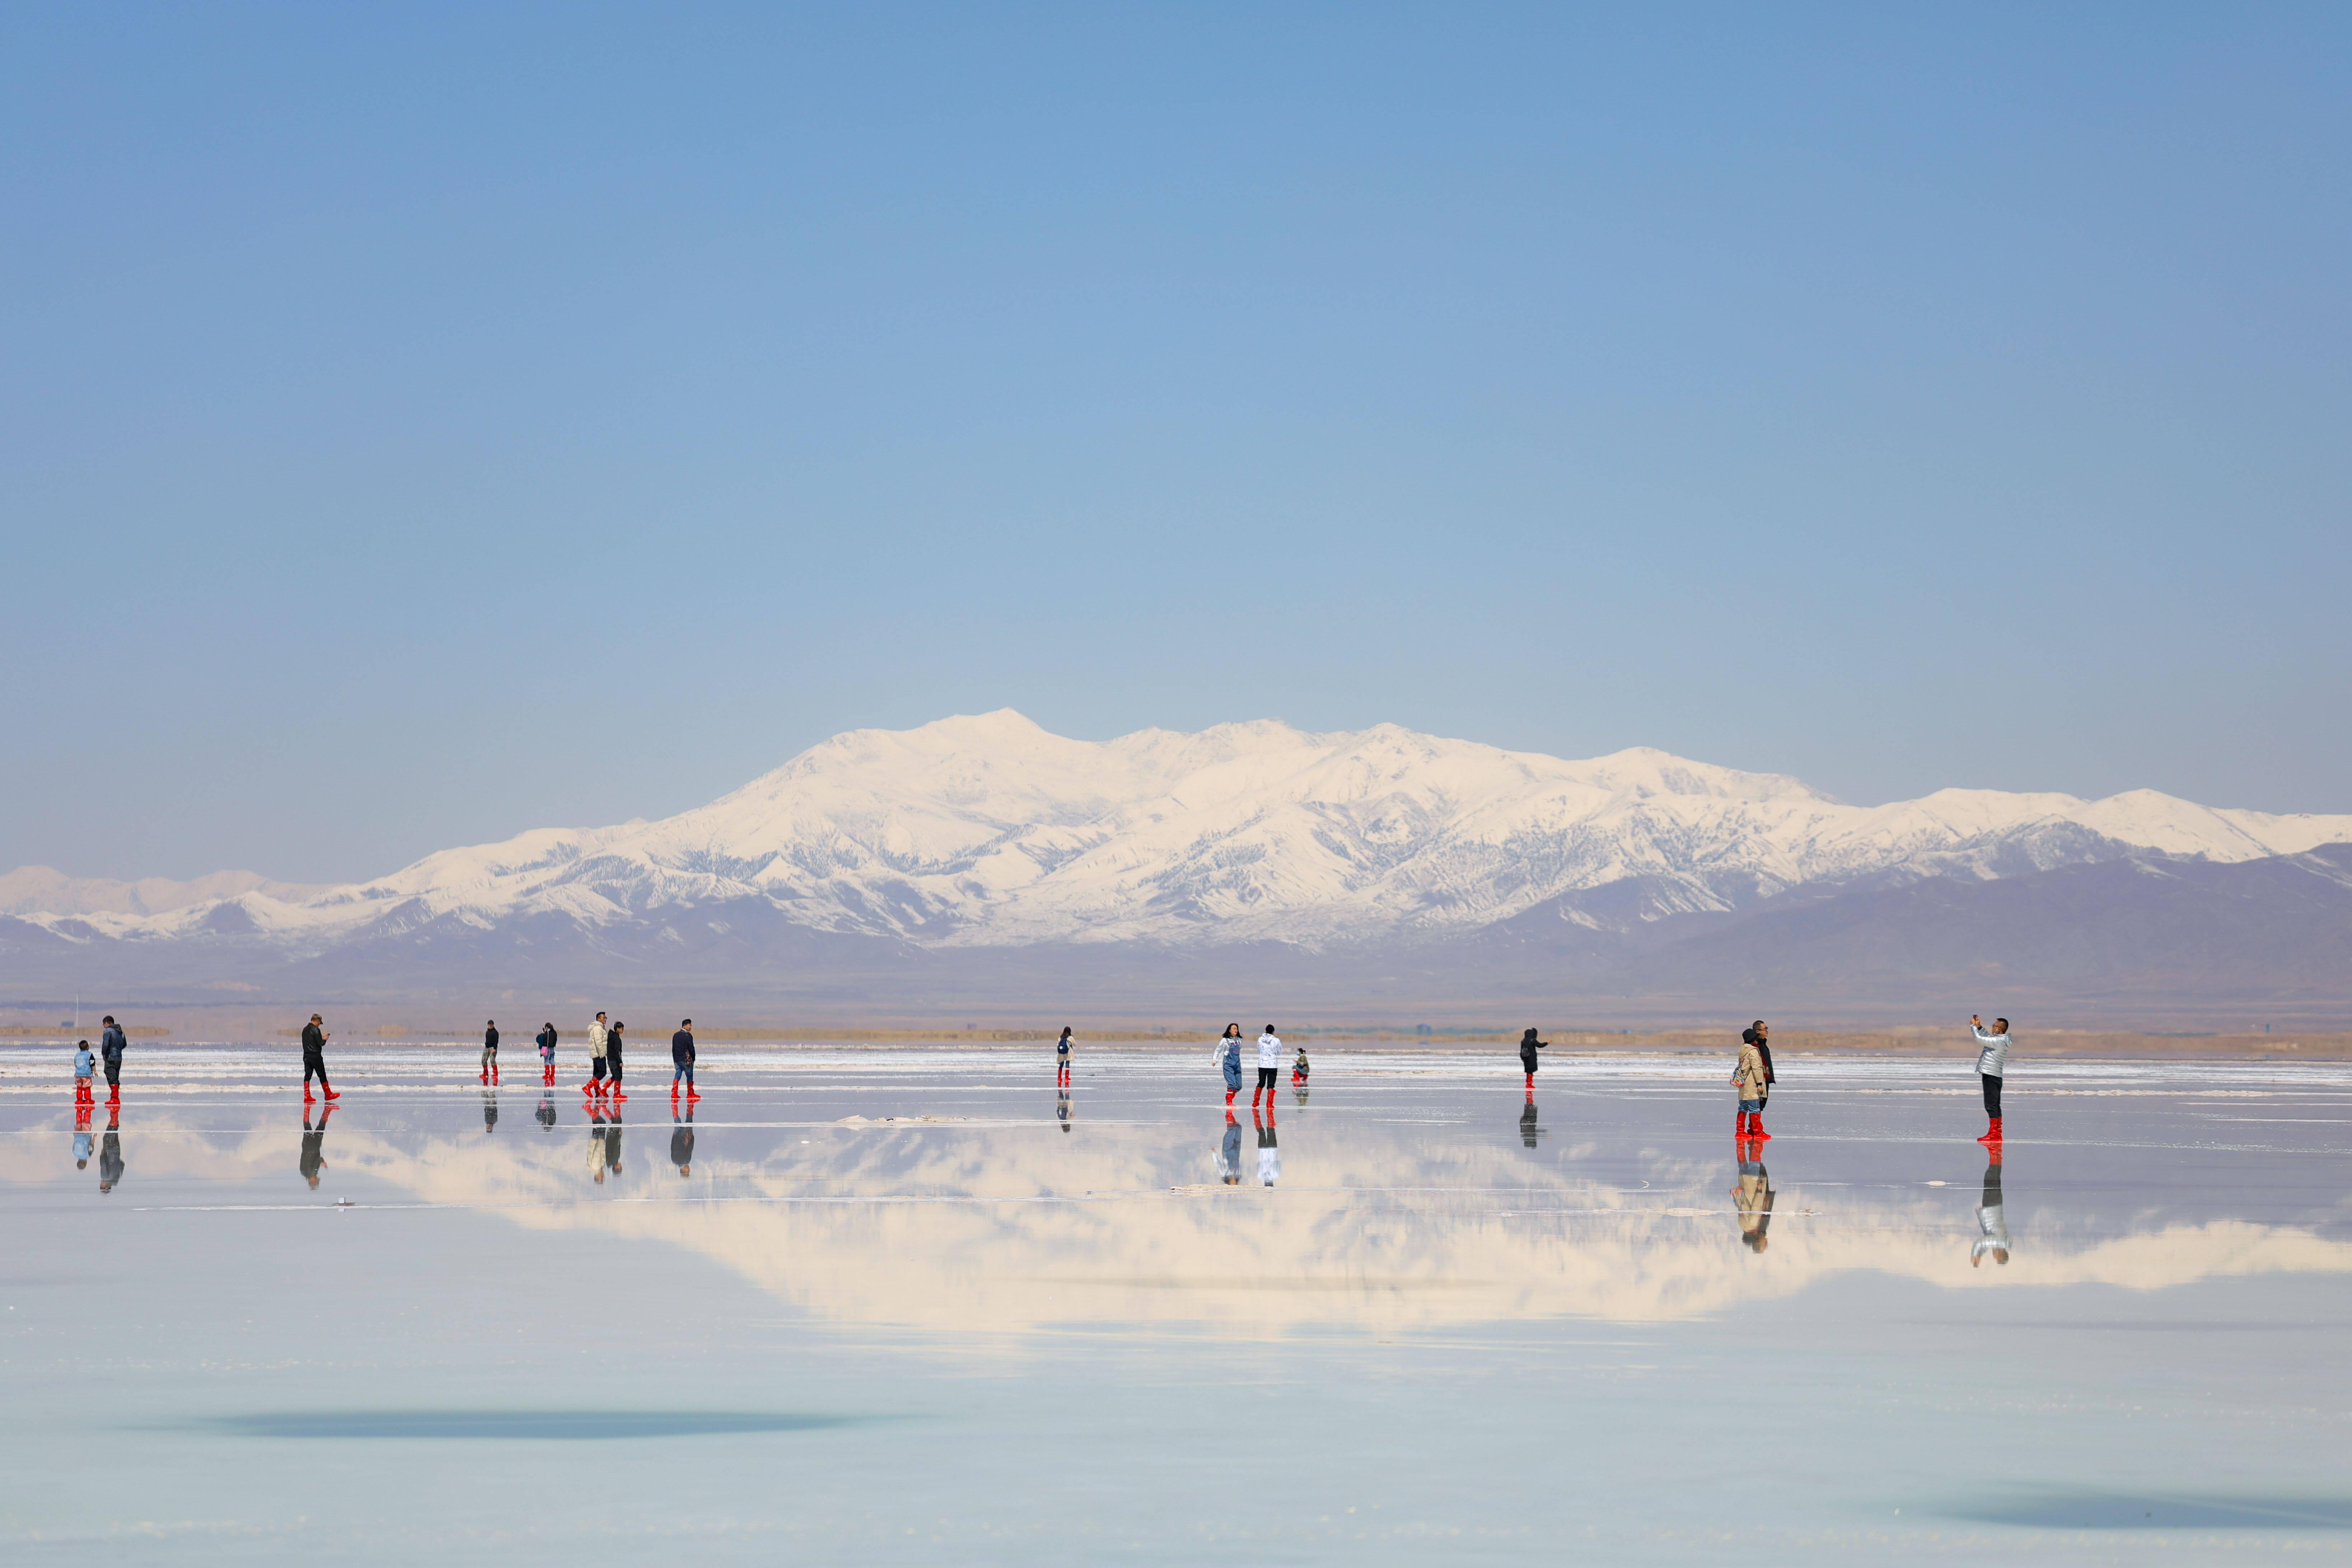 Туристы исследуют живописную местность вокруг Соленого озера Чака вокруге Вулан насеверо-западе Китая. 26 апреля озеро вновь открыли дляпосещения после длительного перерыва из-за коронавируса. 26 апреля 2020